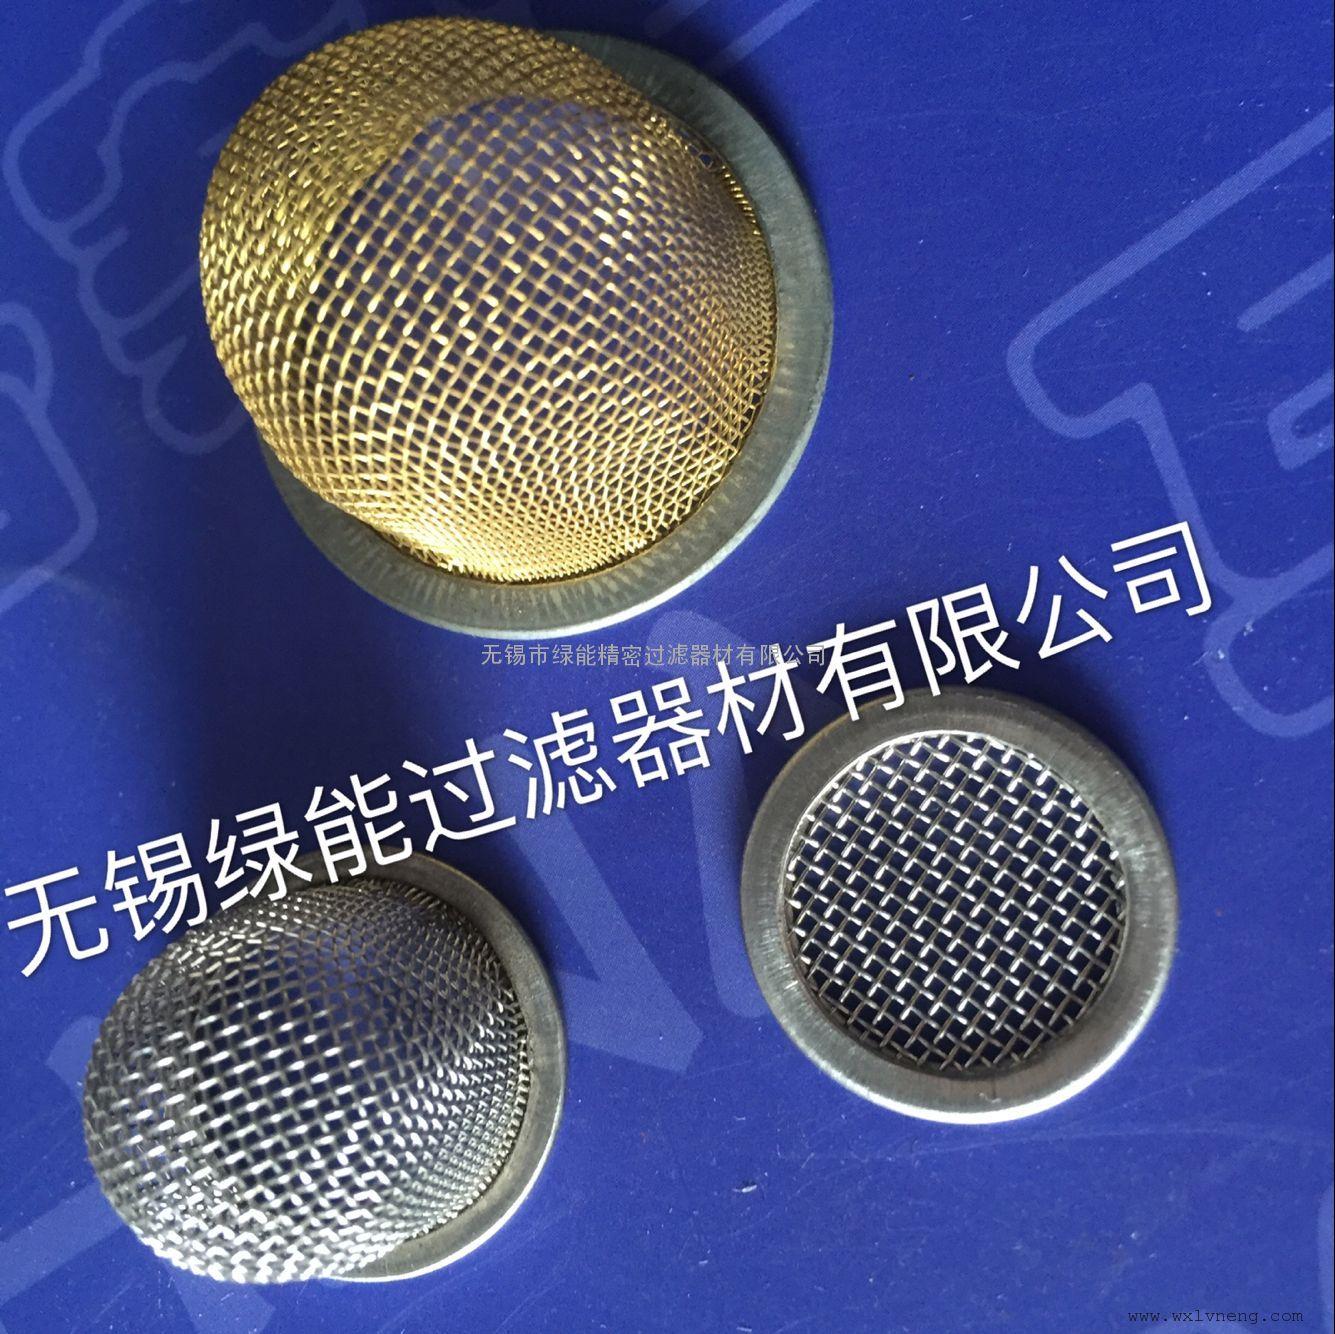 无锡不锈钢过滤网,油箱过滤网厂家,网筒供应商